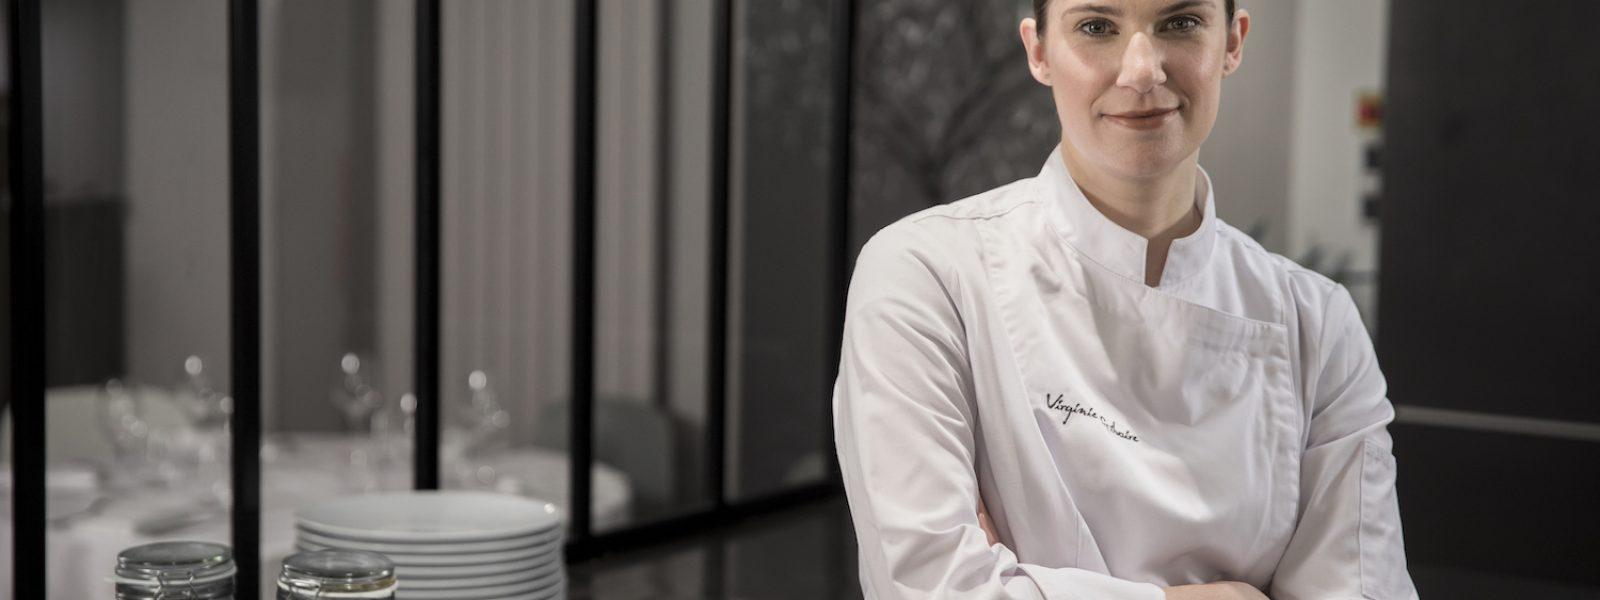 La cheffe rennaise Virginie Giboire